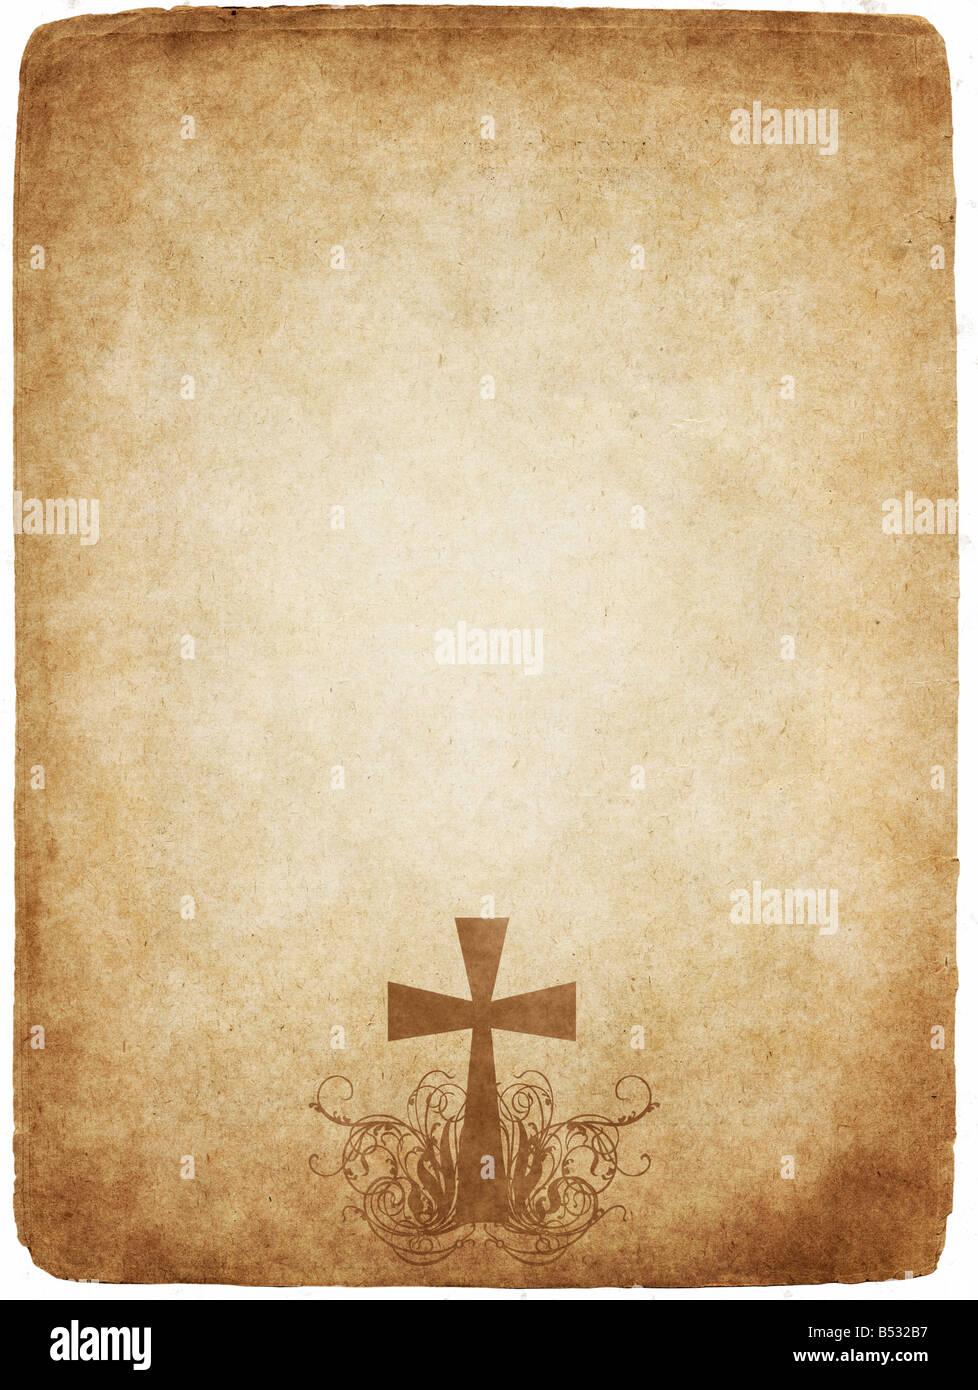 Kreuz auf alten getragen und Grunge Pergamentpapier Stockbild